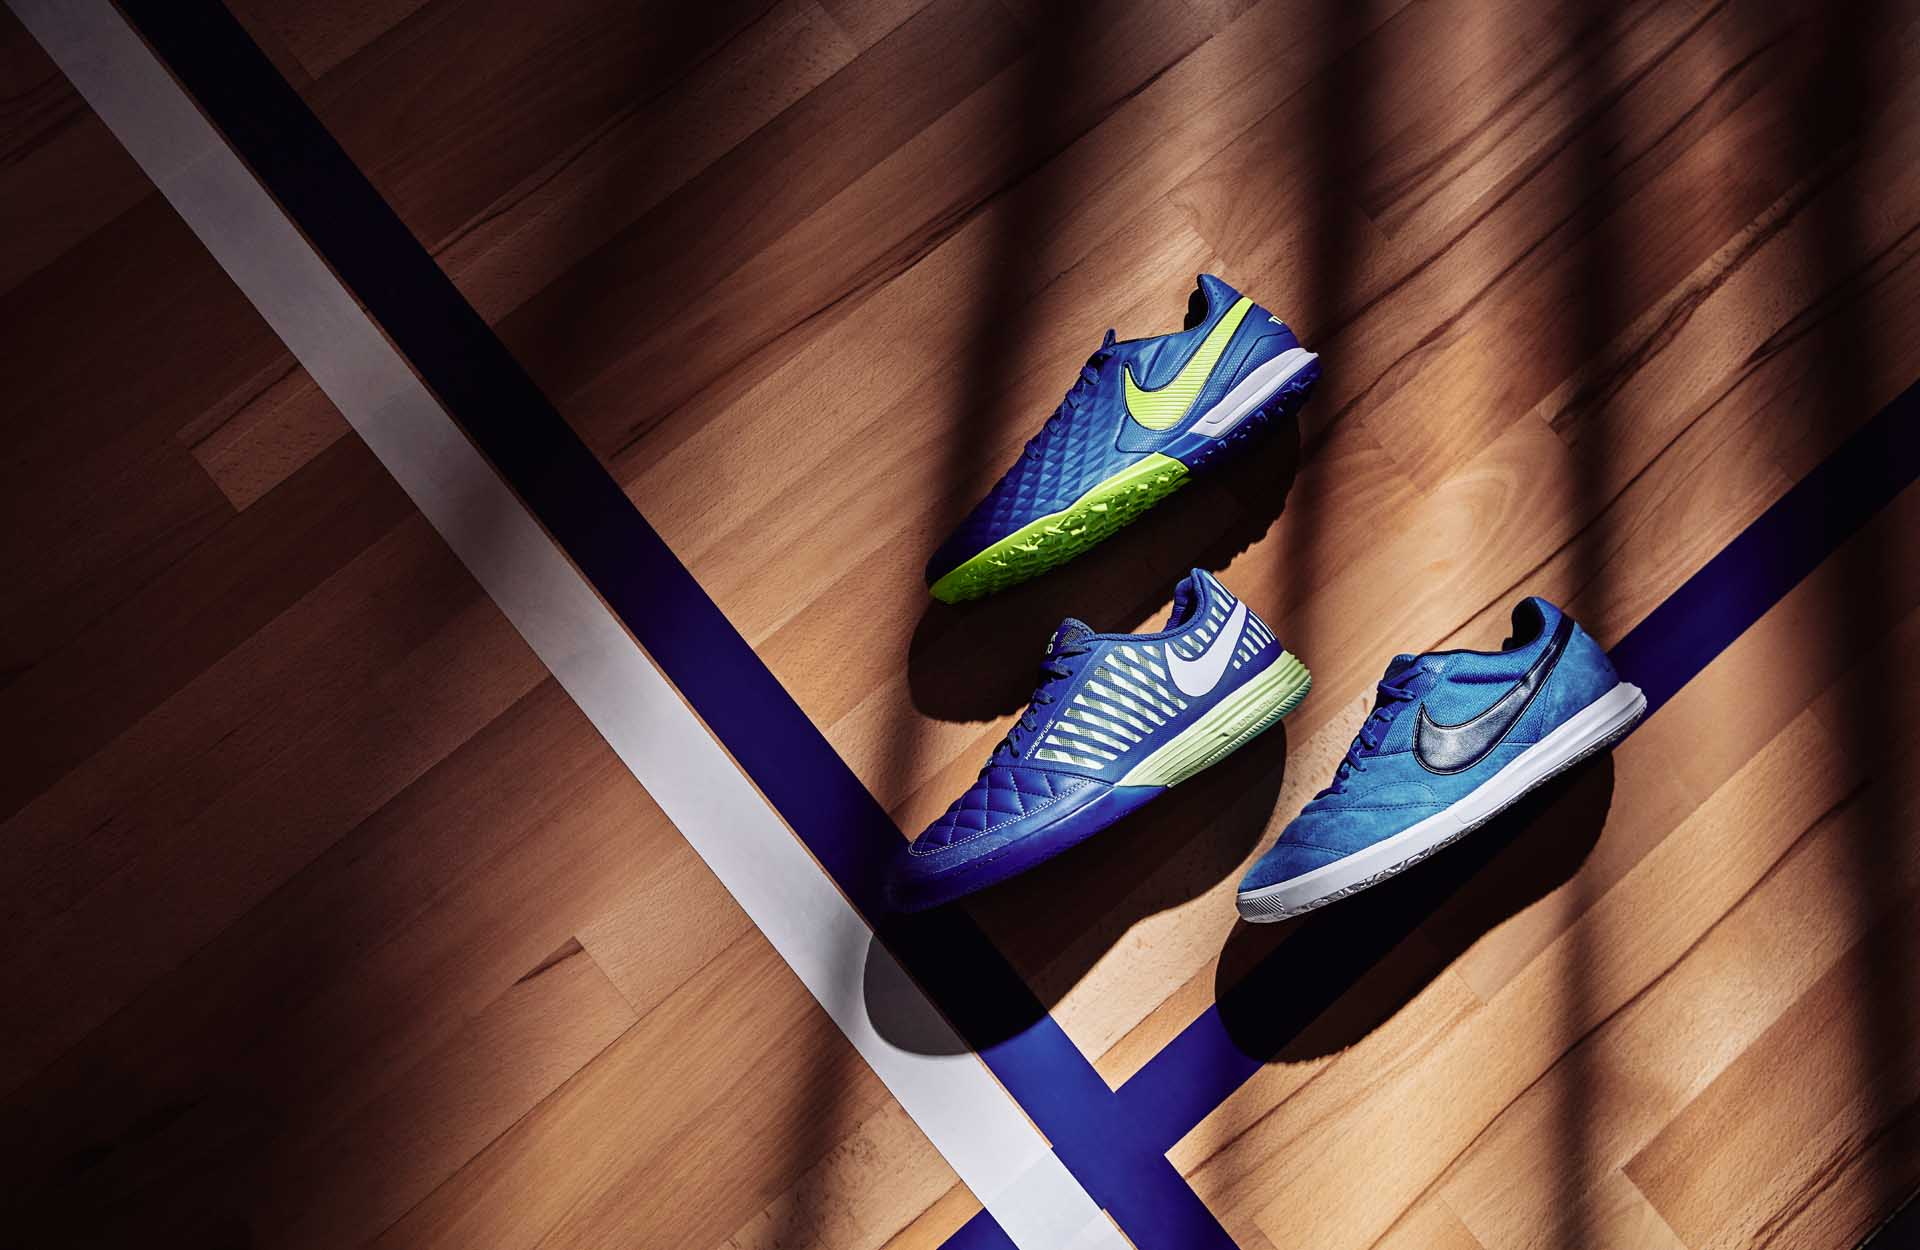 Bộ sưu tập giày đá bóng chính hãng Nike Skycourt pack